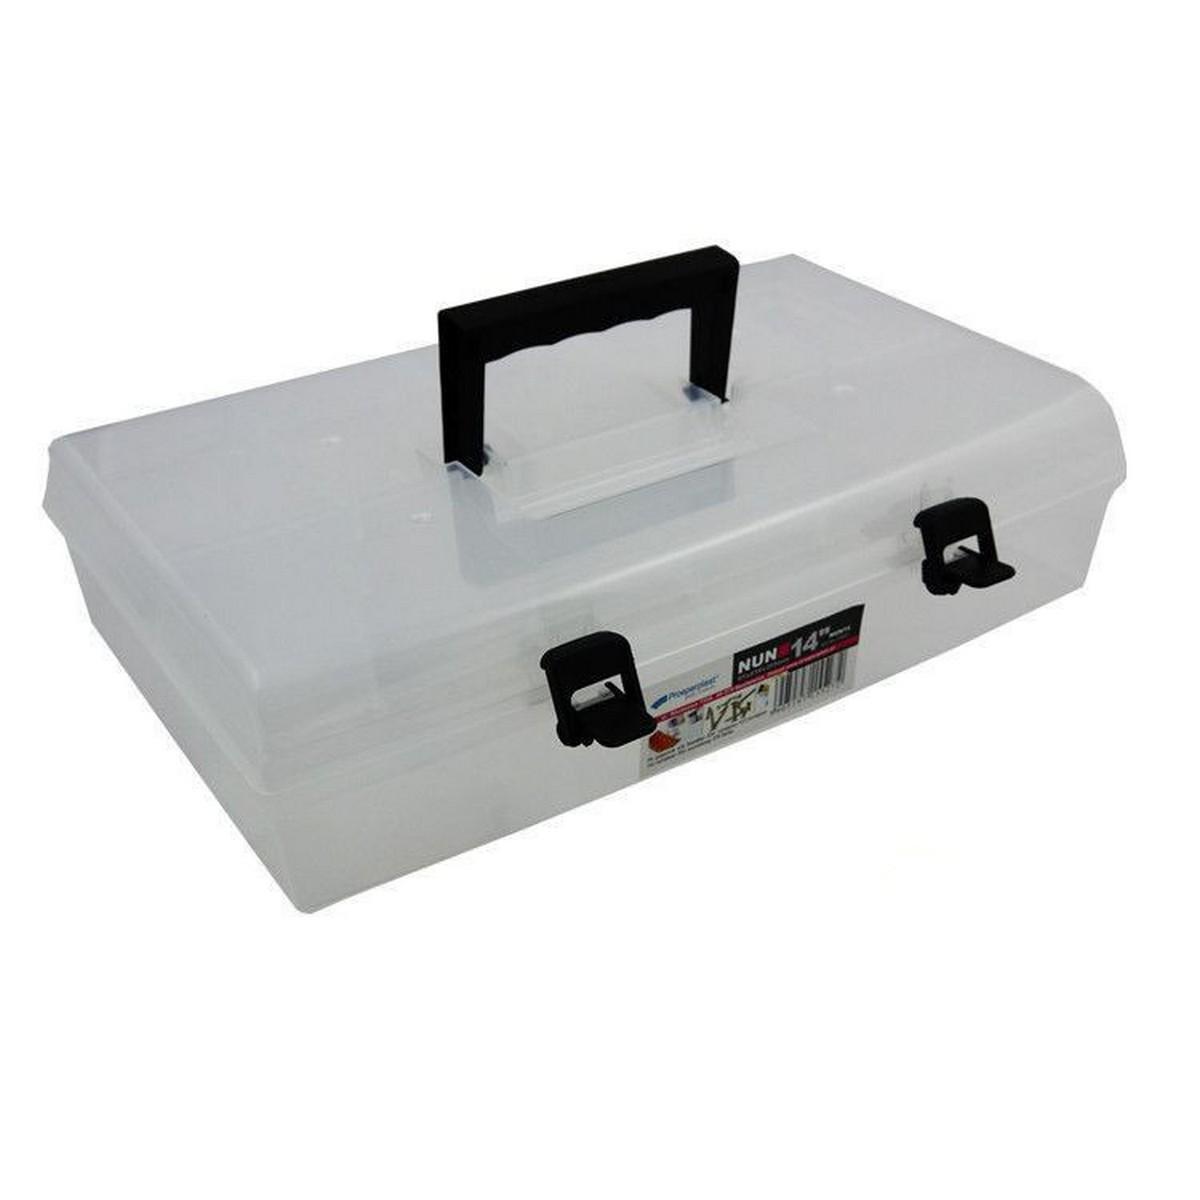 Кутия за аксесоари Prosperplast NUN16